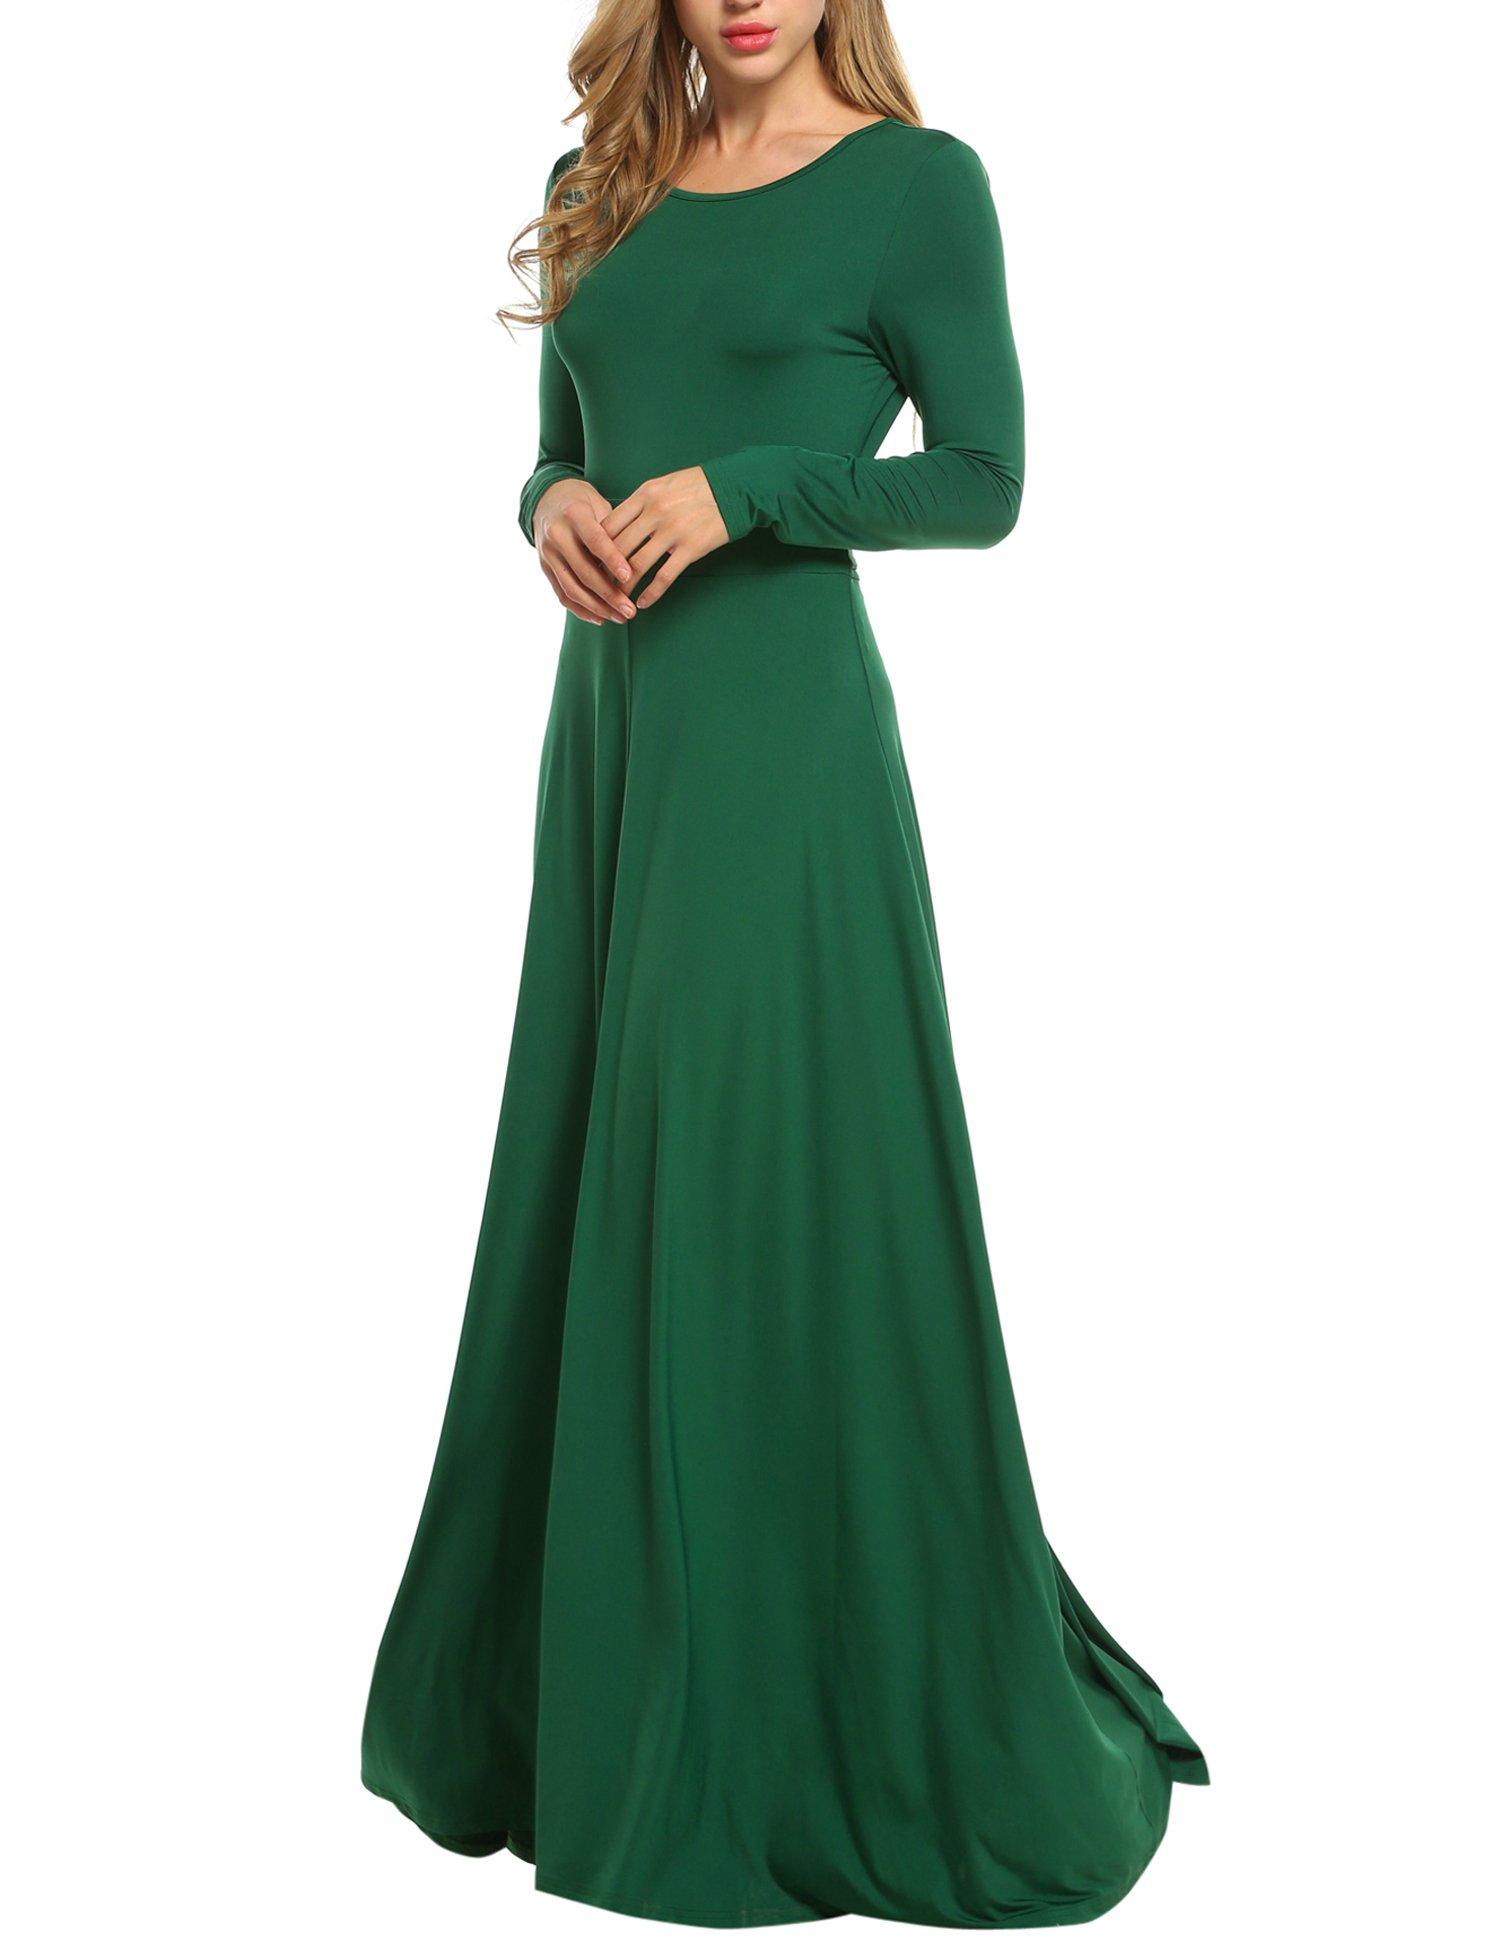 ACEVOG Women Casual Sleeveless Maxi Dress Chiffon V-Neck High Waist Evening Party Dress with Belt